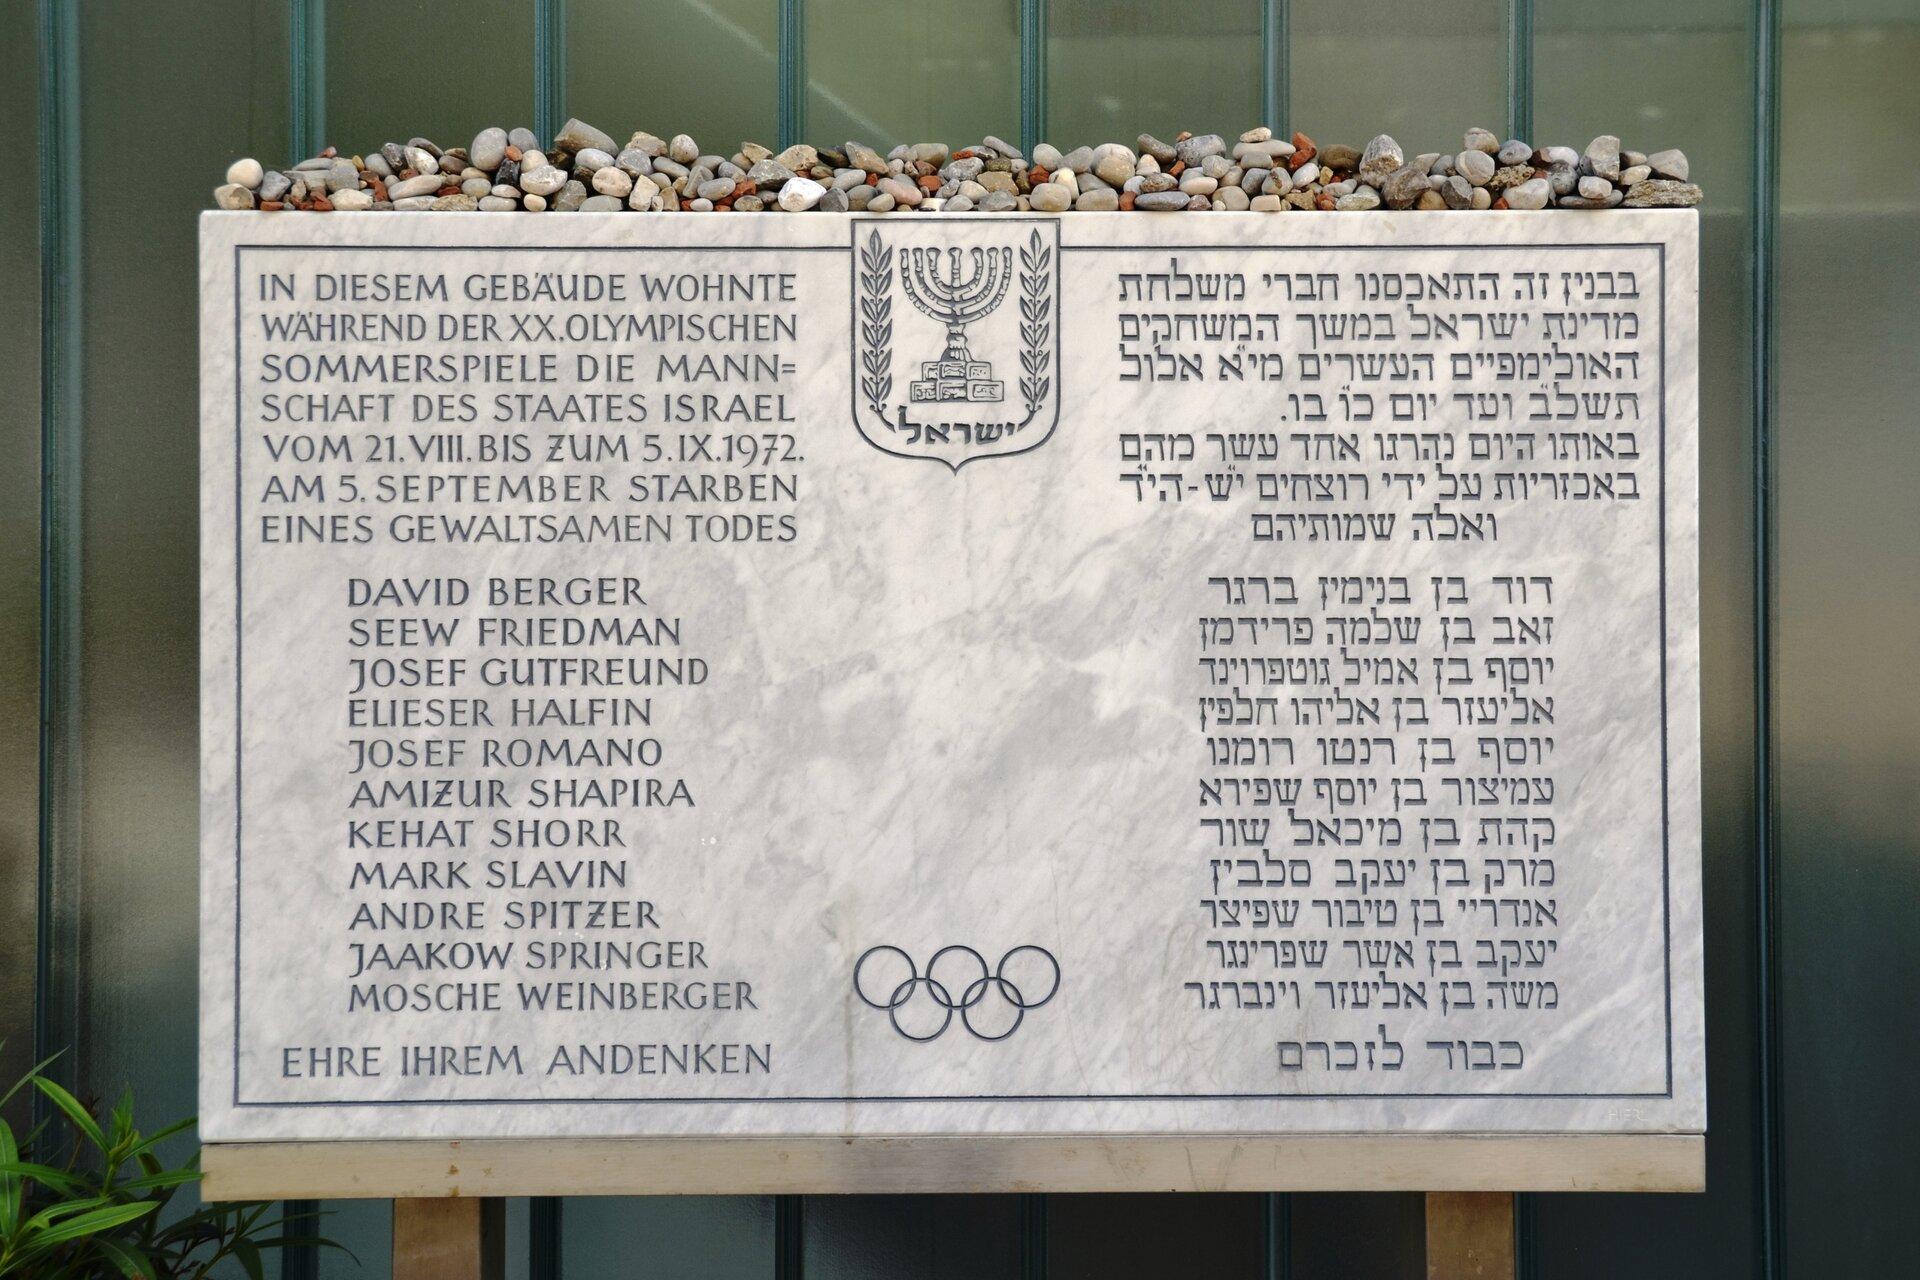 Tablica upamiętniająca tragedię izraelskich sportowców, znajdująca sięprzy stadionie olimpijskim wMonachium Tablica upamiętniająca tragedię izraelskich sportowców, znajdująca sięprzy stadionie olimpijskim wMonachium Źródło: High Contrast, Fotografia, licencja: CC BY-SA 3.0.